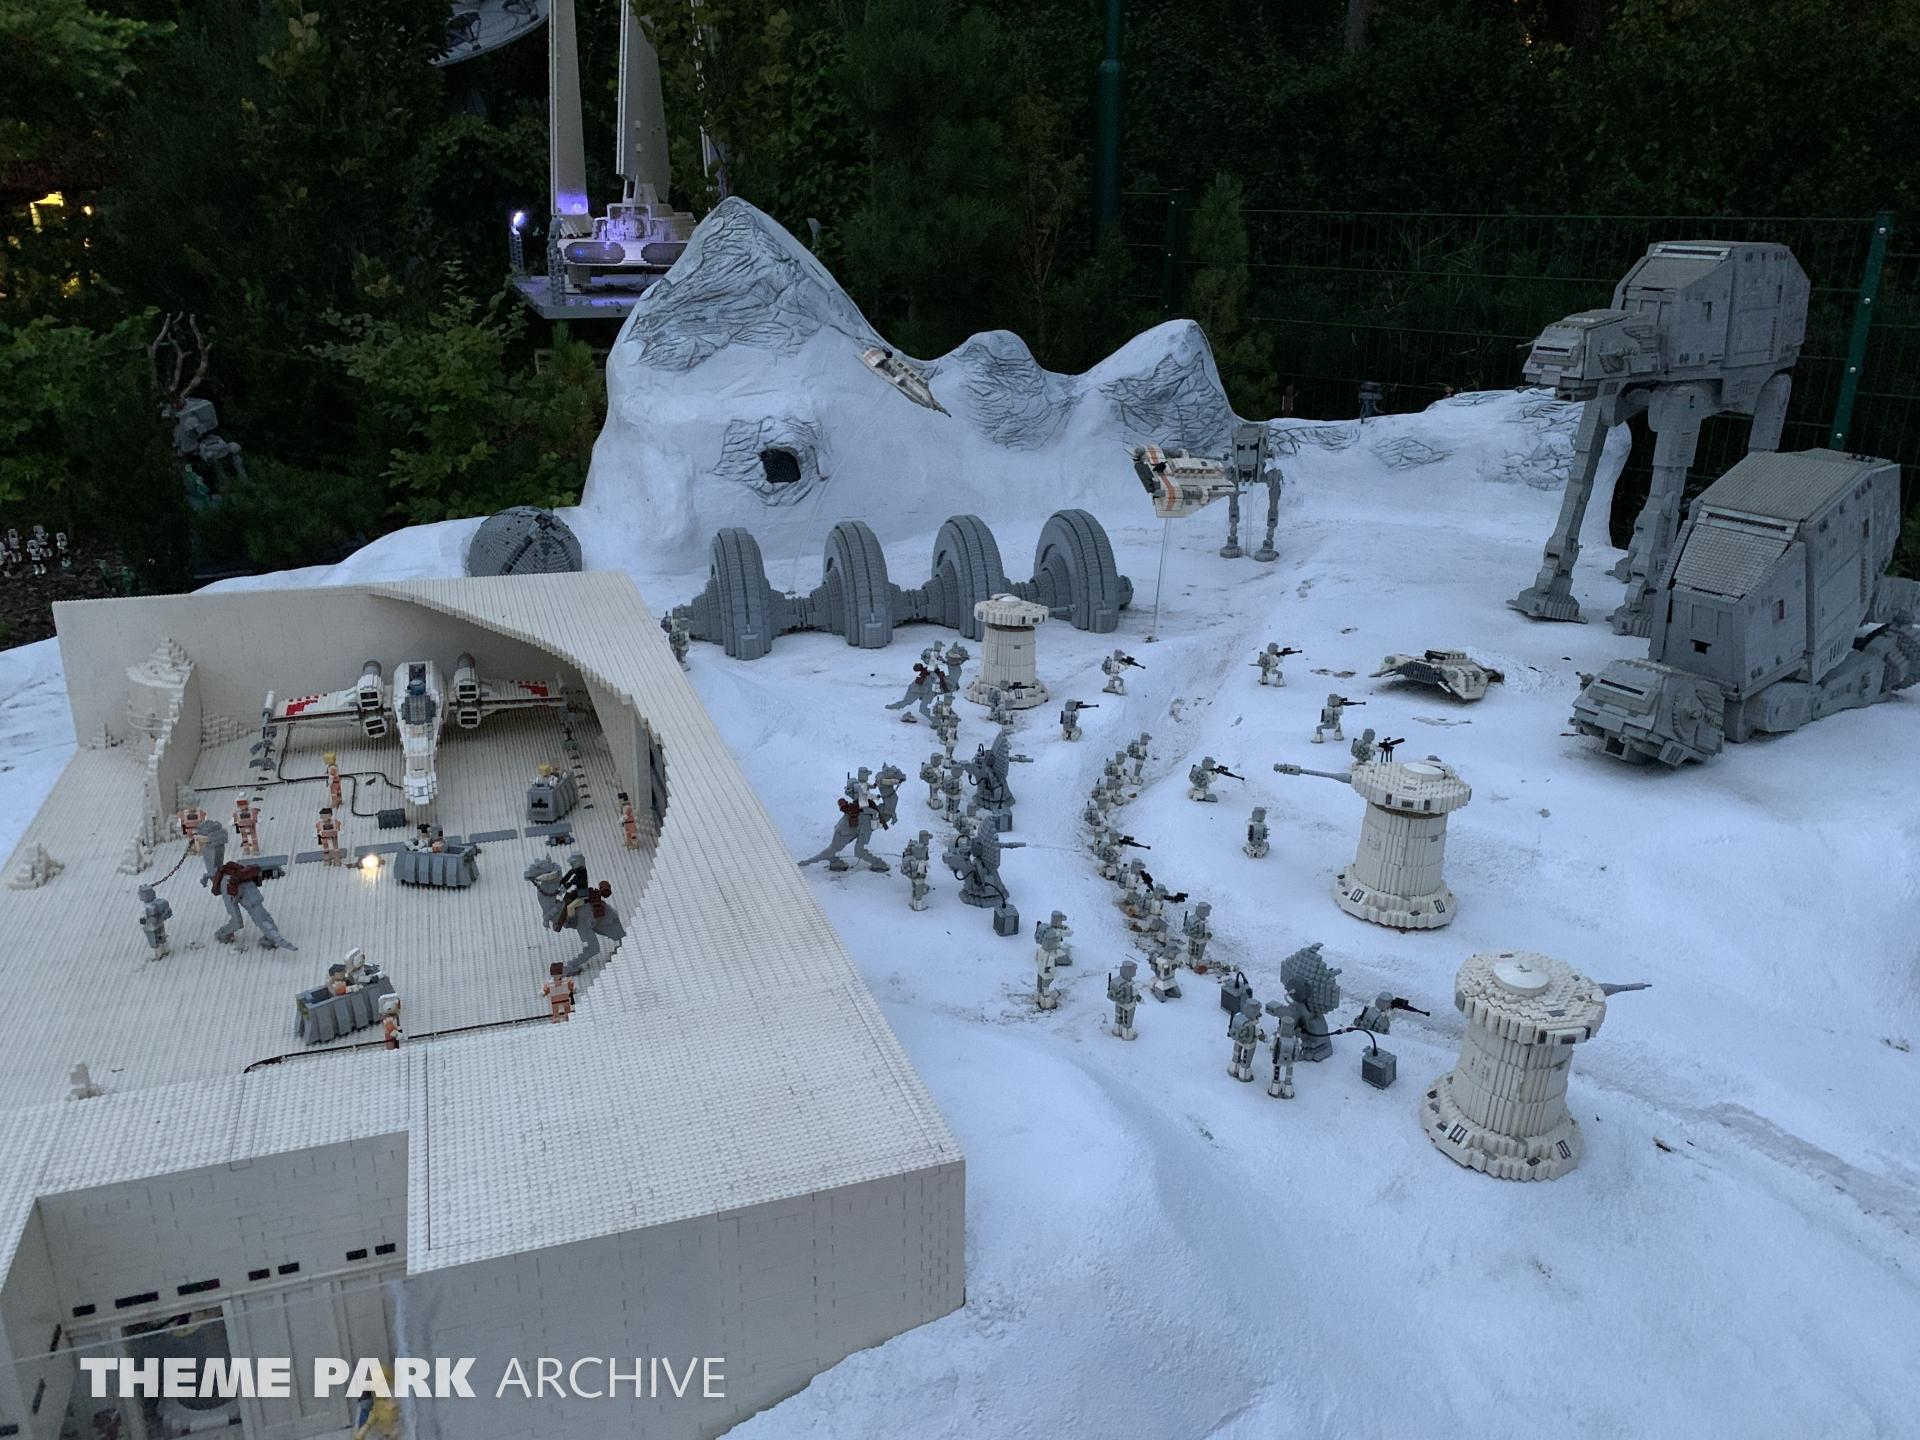 Star Wars Miniland at LEGOLAND Deutschland